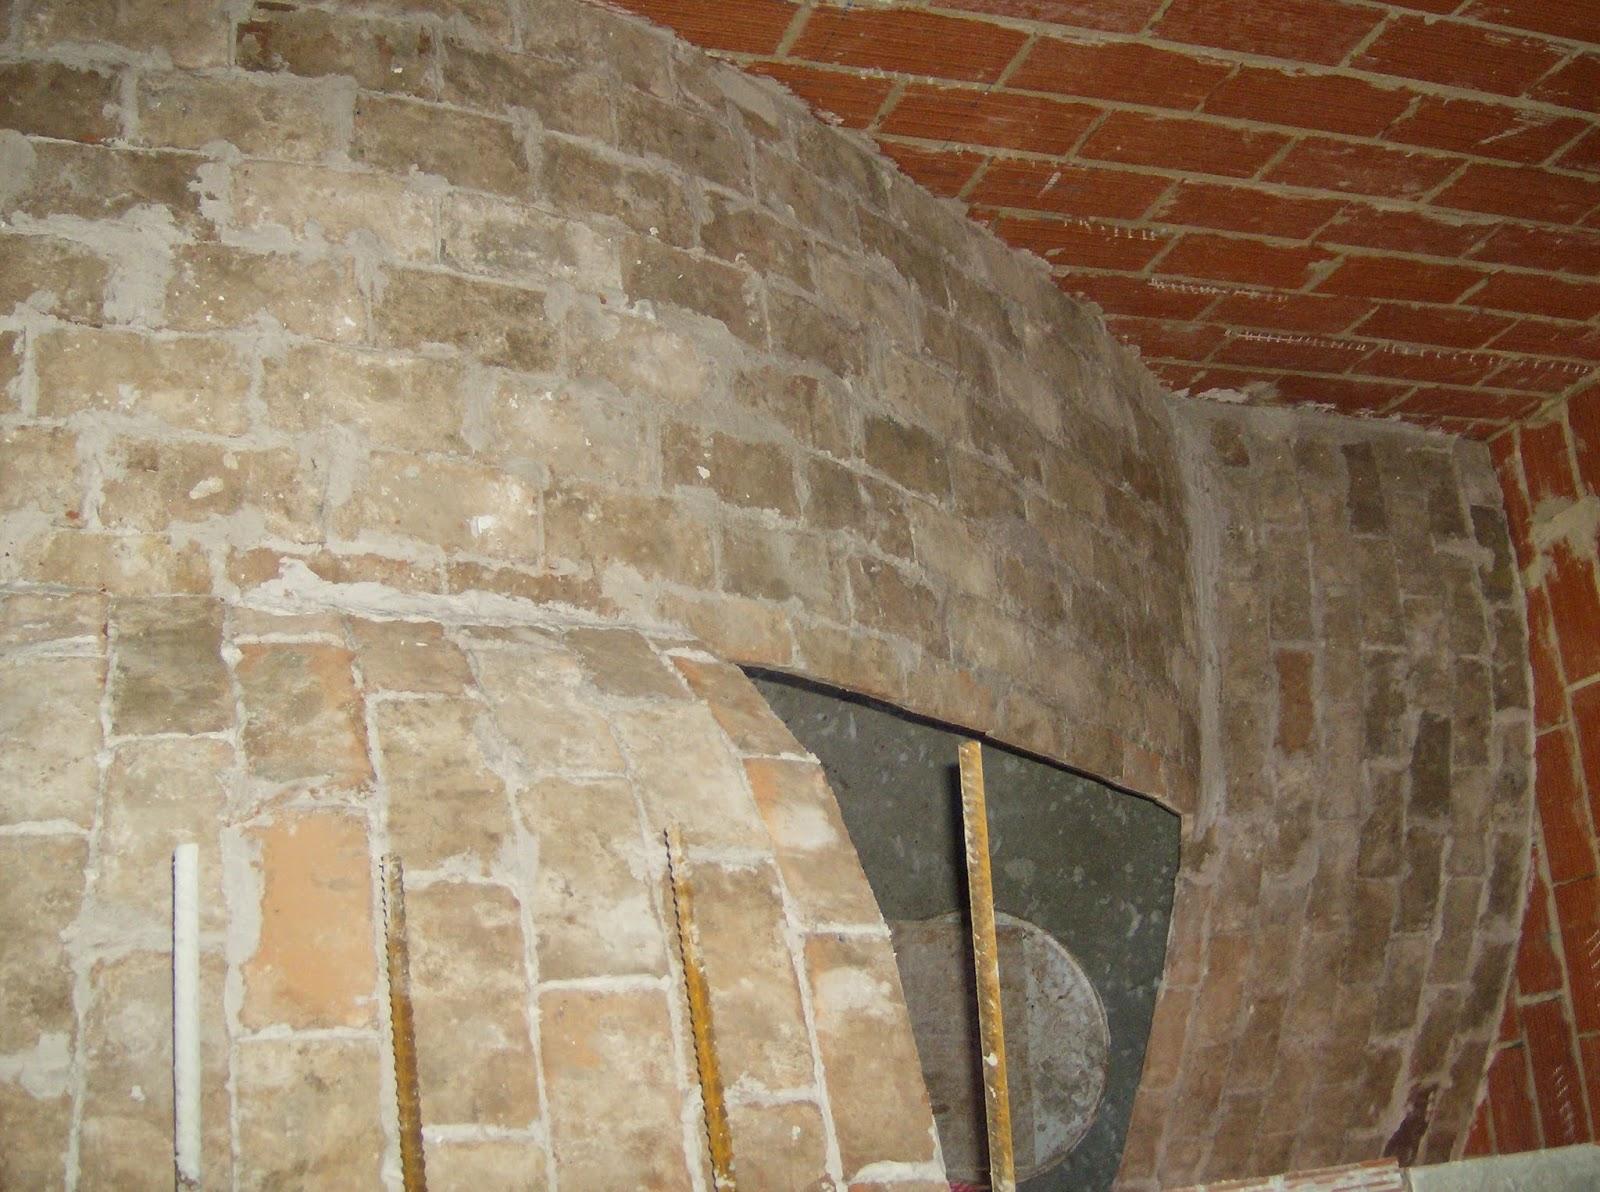 B veda tabicada salvador gomis avi o la escalera - Escaleras de ladrillo ...